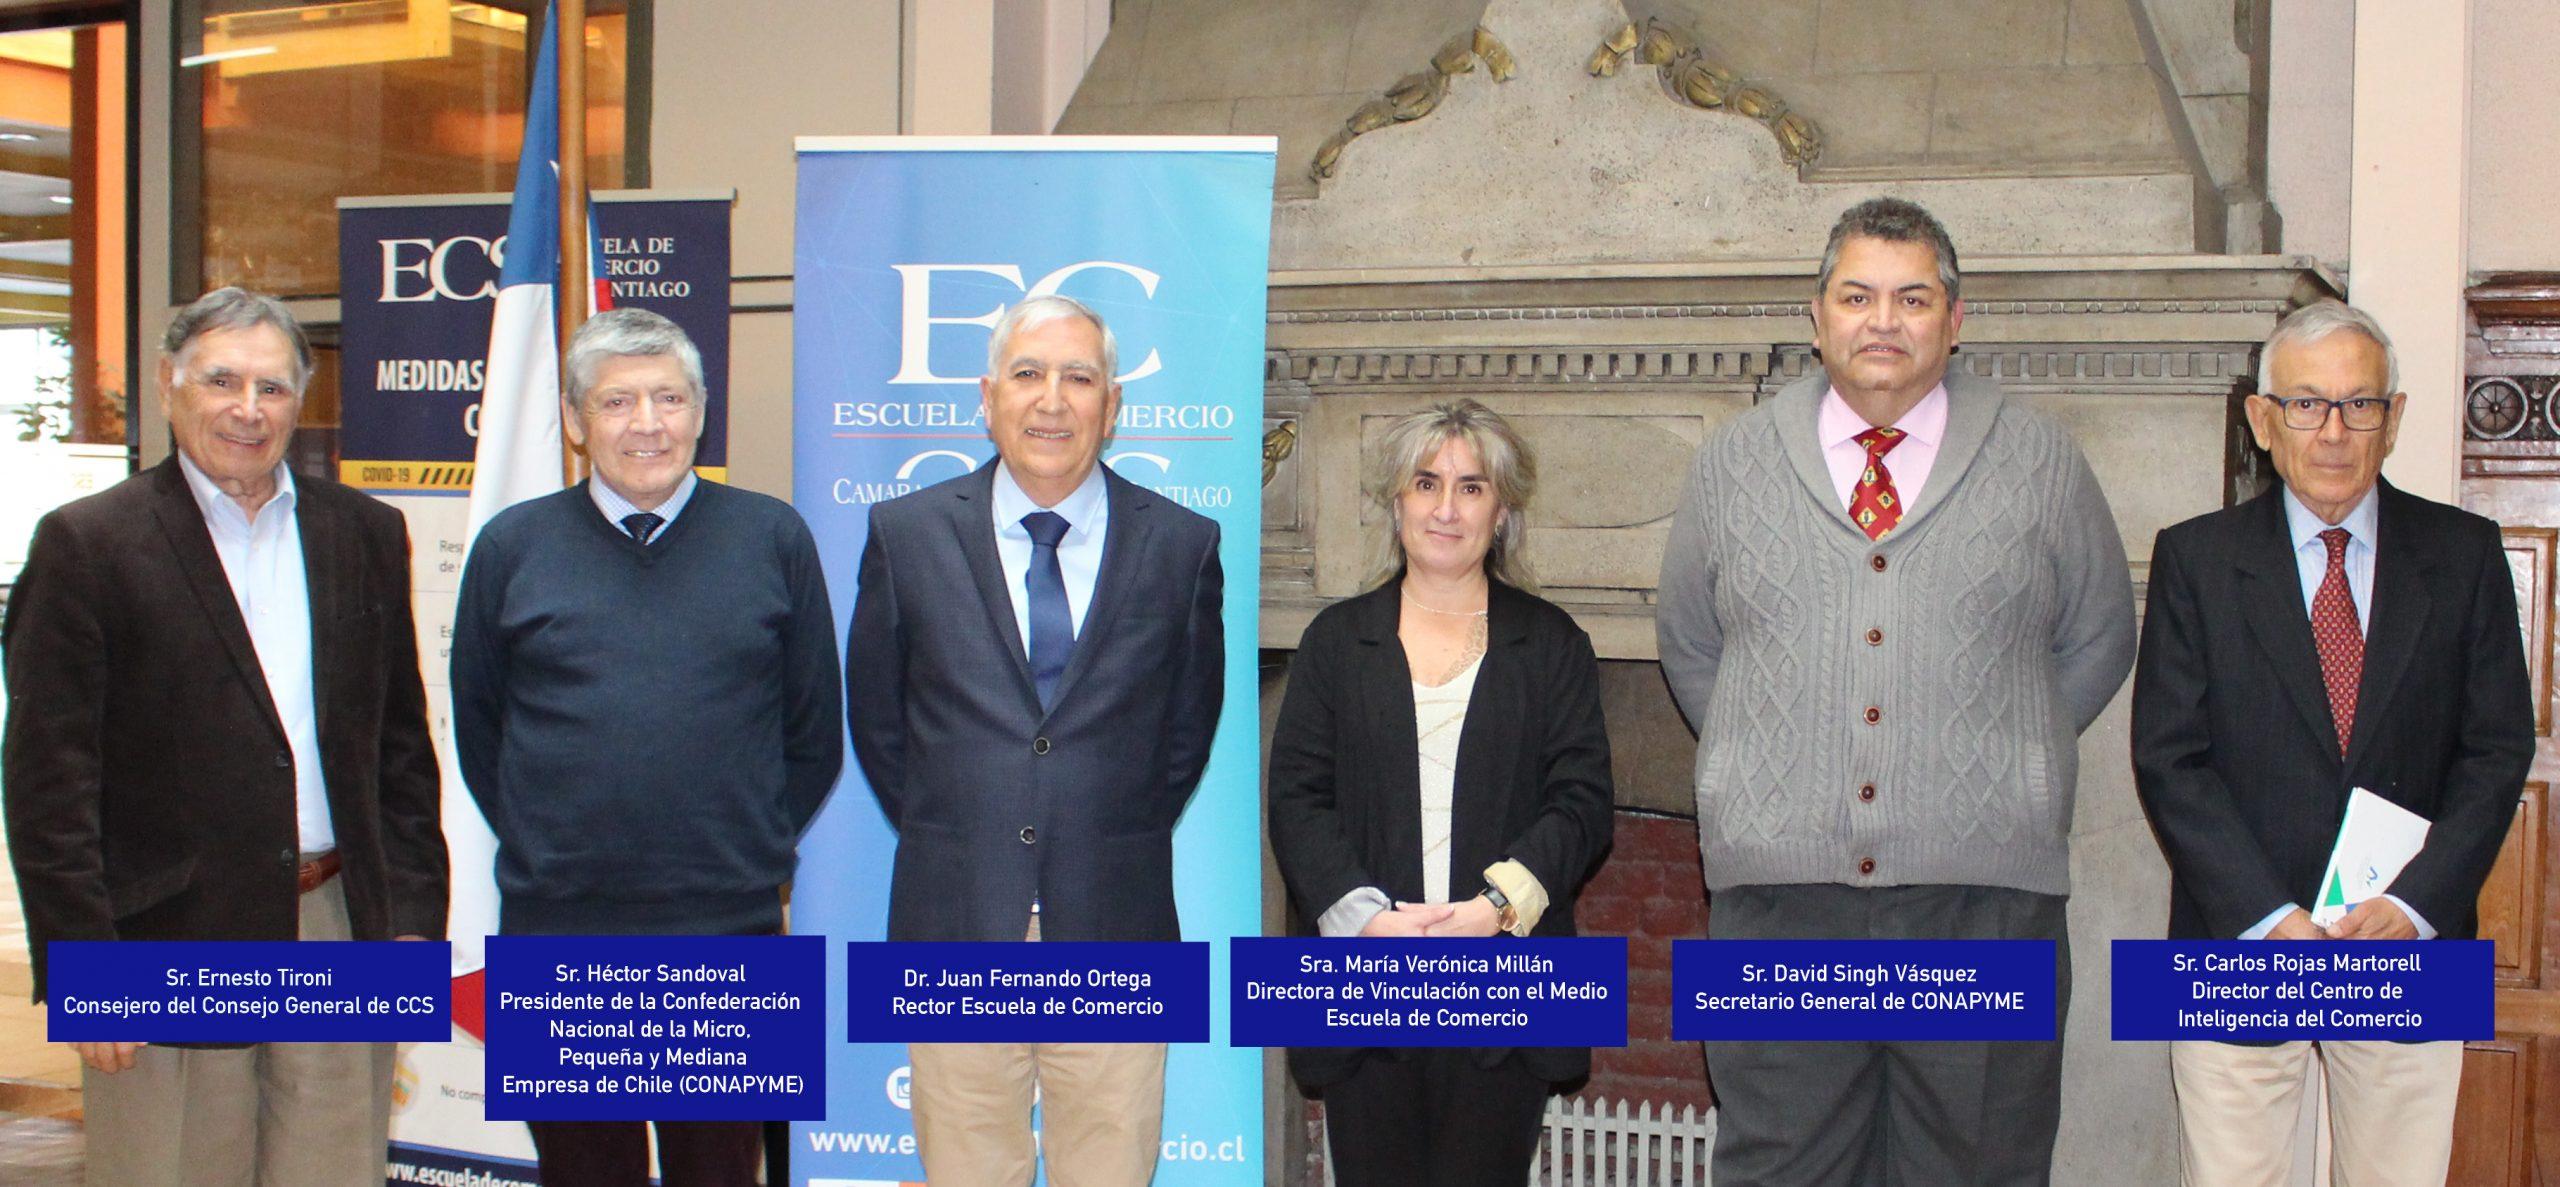 Escuela de Comercio - Escuela de Comercio y Conapyme sellan acuerdo de cooperación